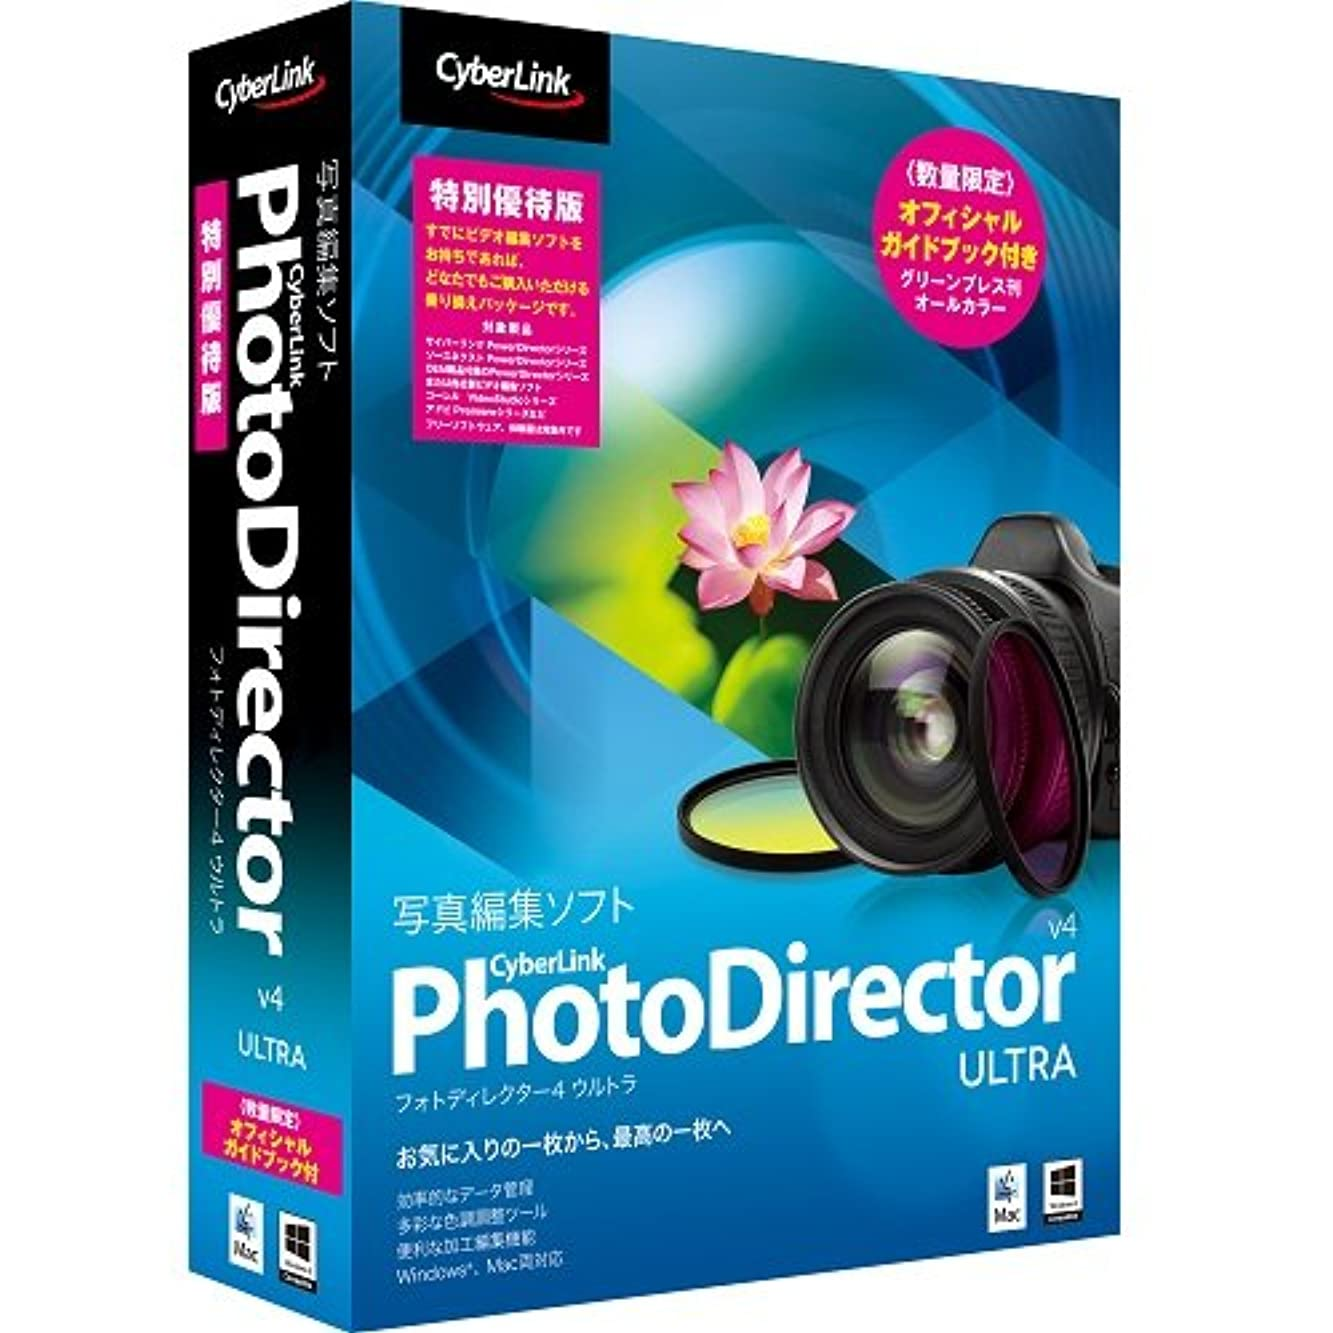 除外する統合値するPhotoDirector4 Ultra 特別優待版